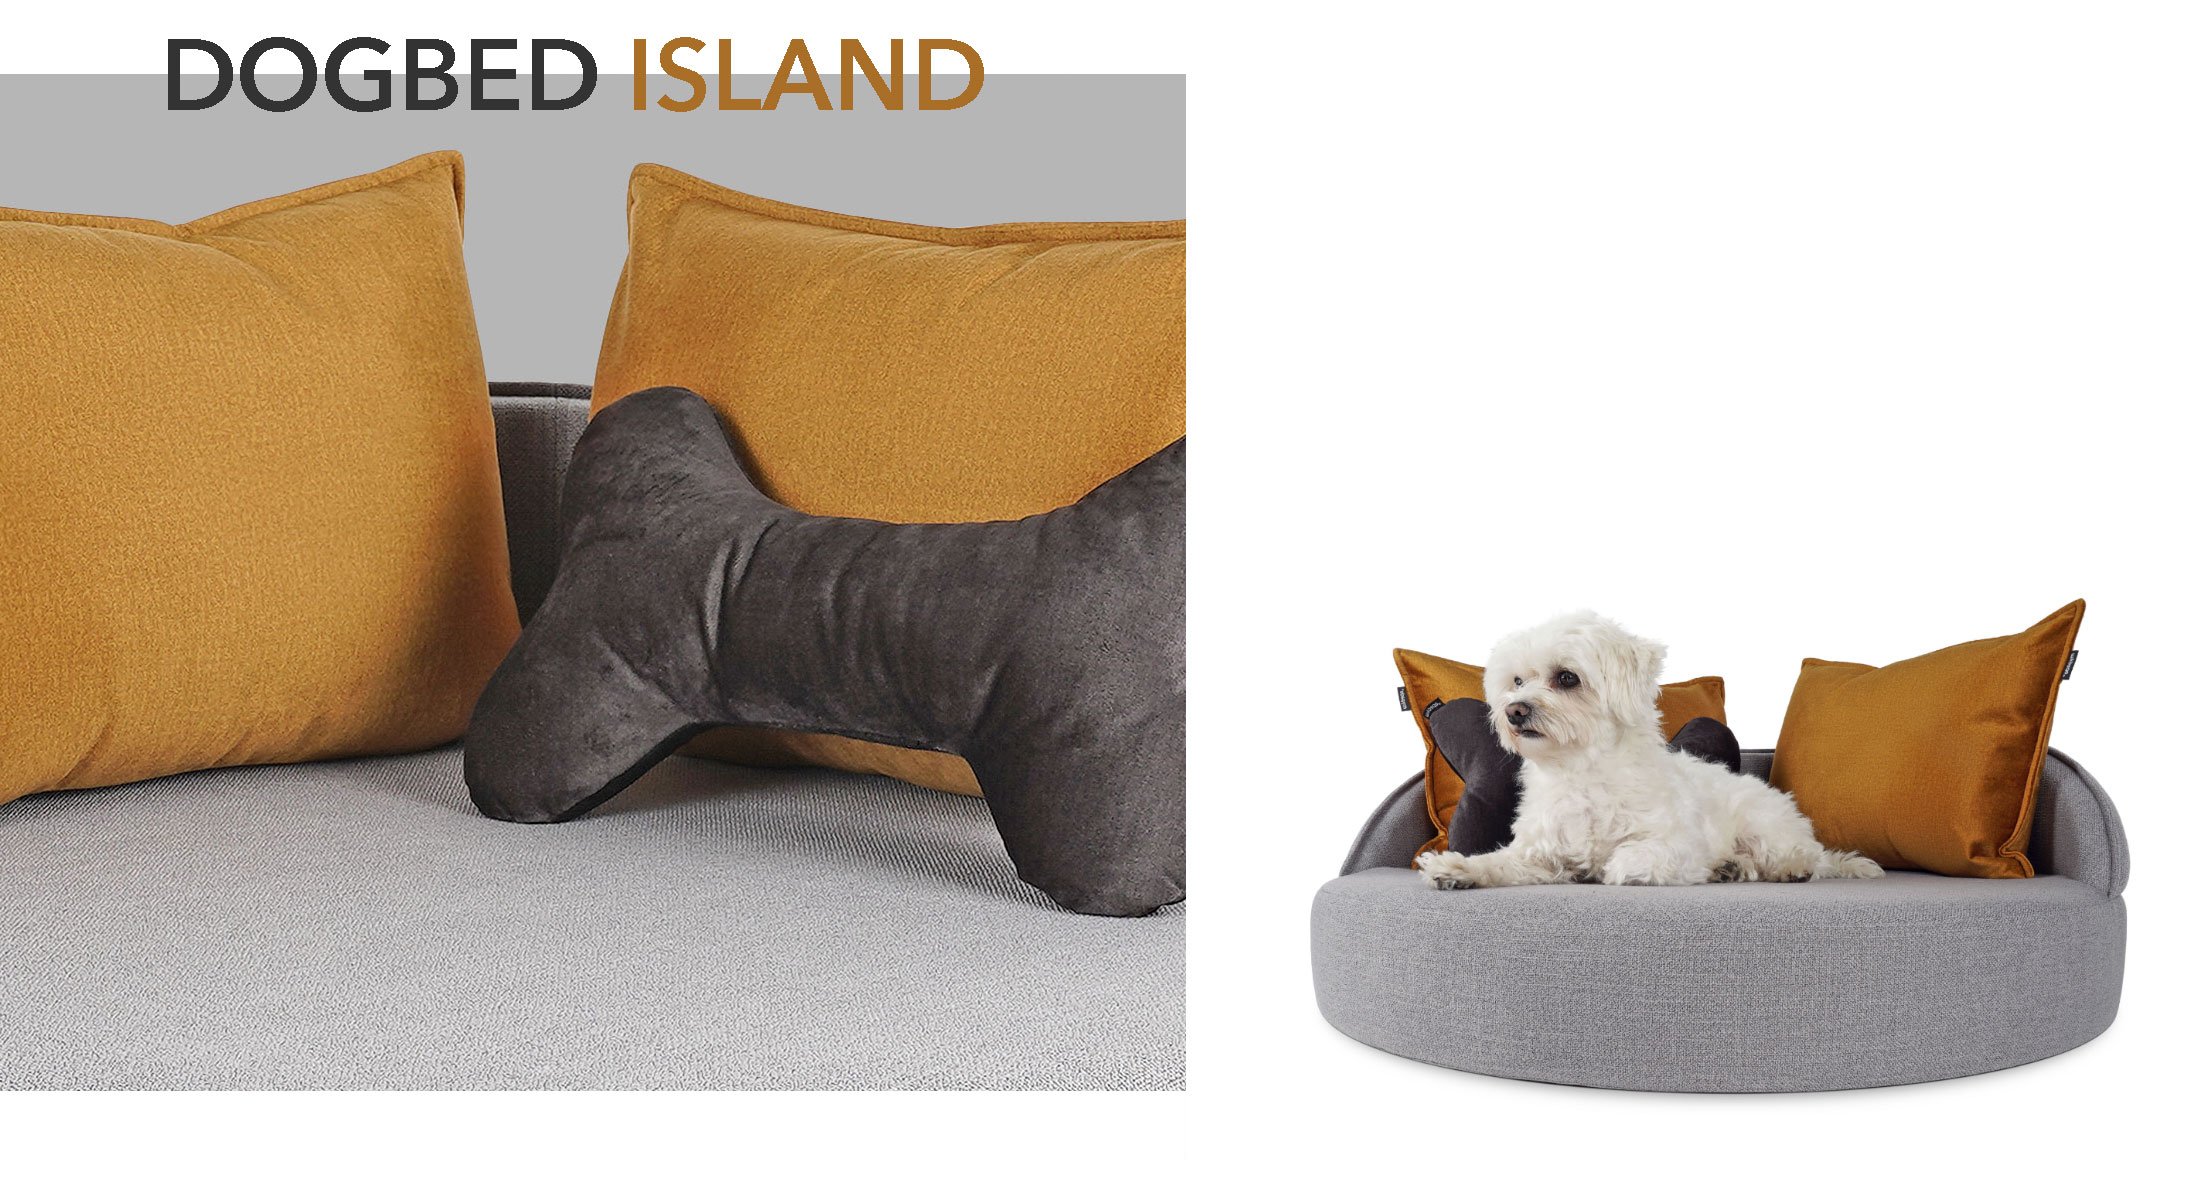 hundebett-island-desc-sq-003HSaYxLFtL8txJ